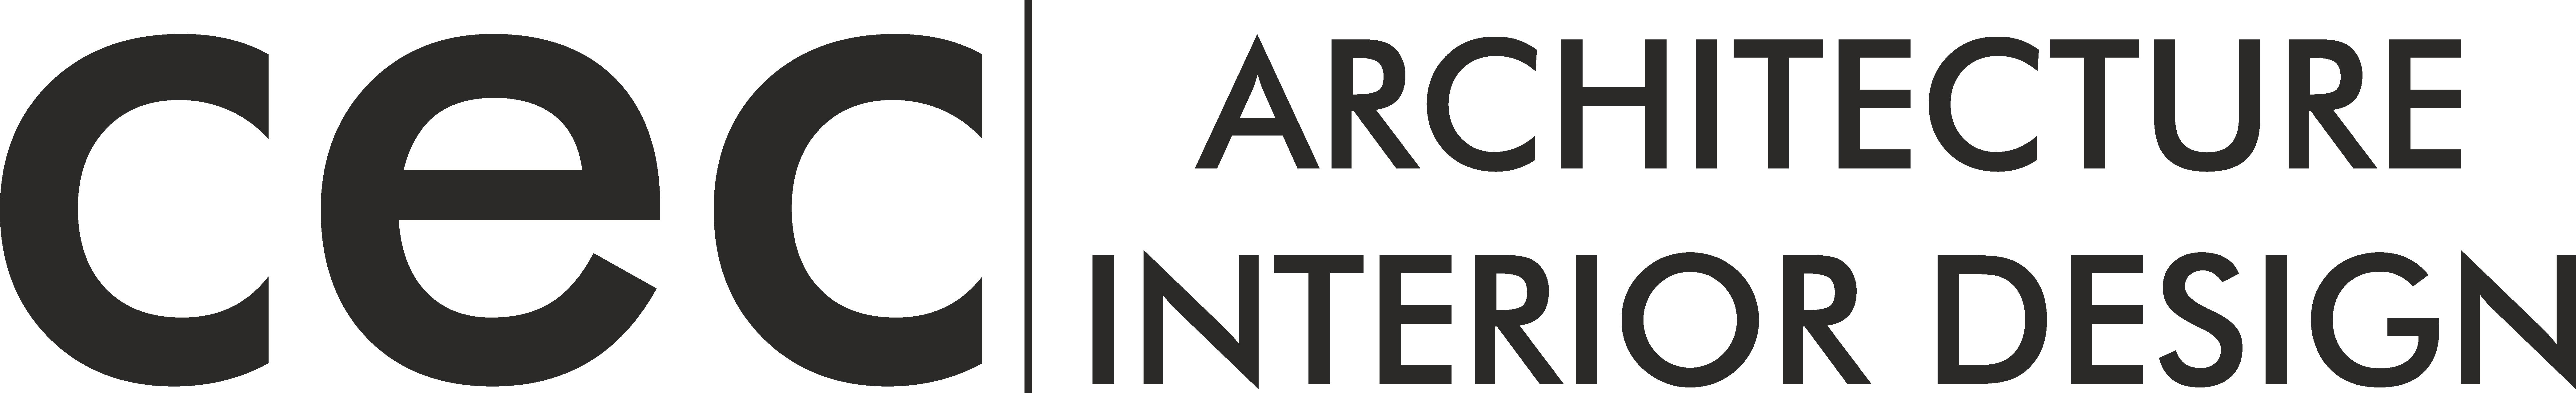 CEC Architecture